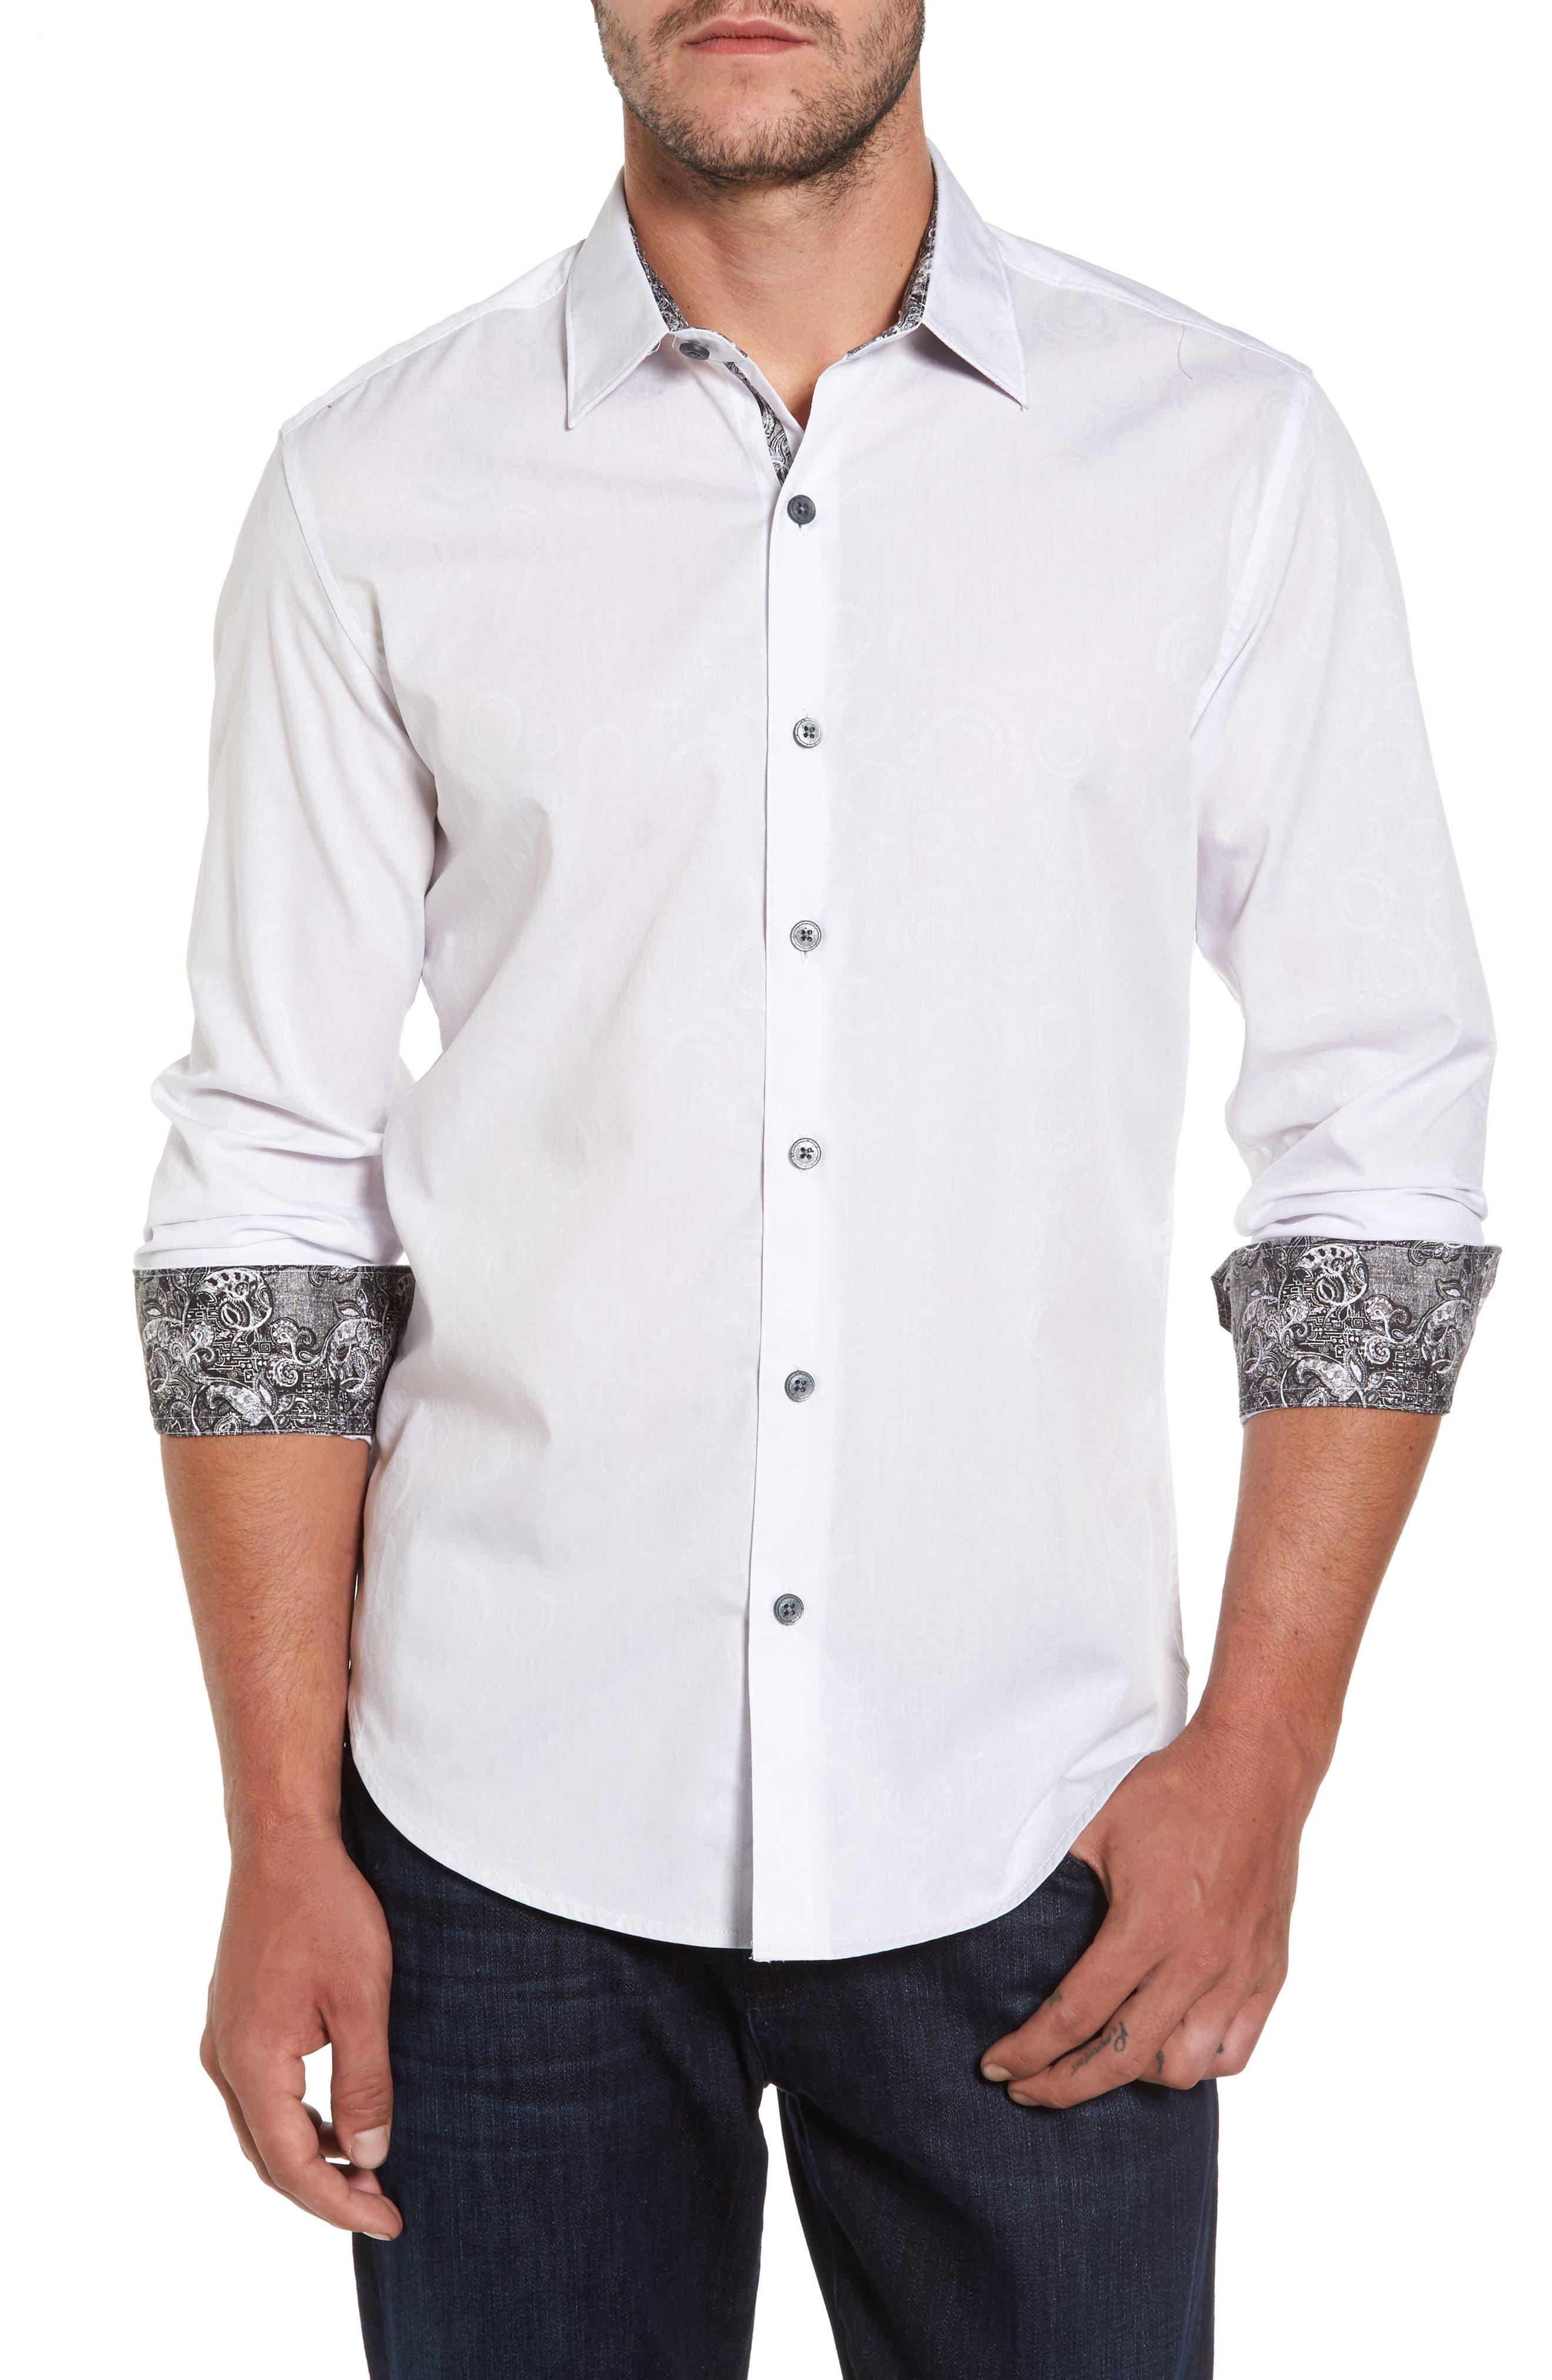 Binghampton Regular Fit Sport Shirt,                         Main,                         color, White